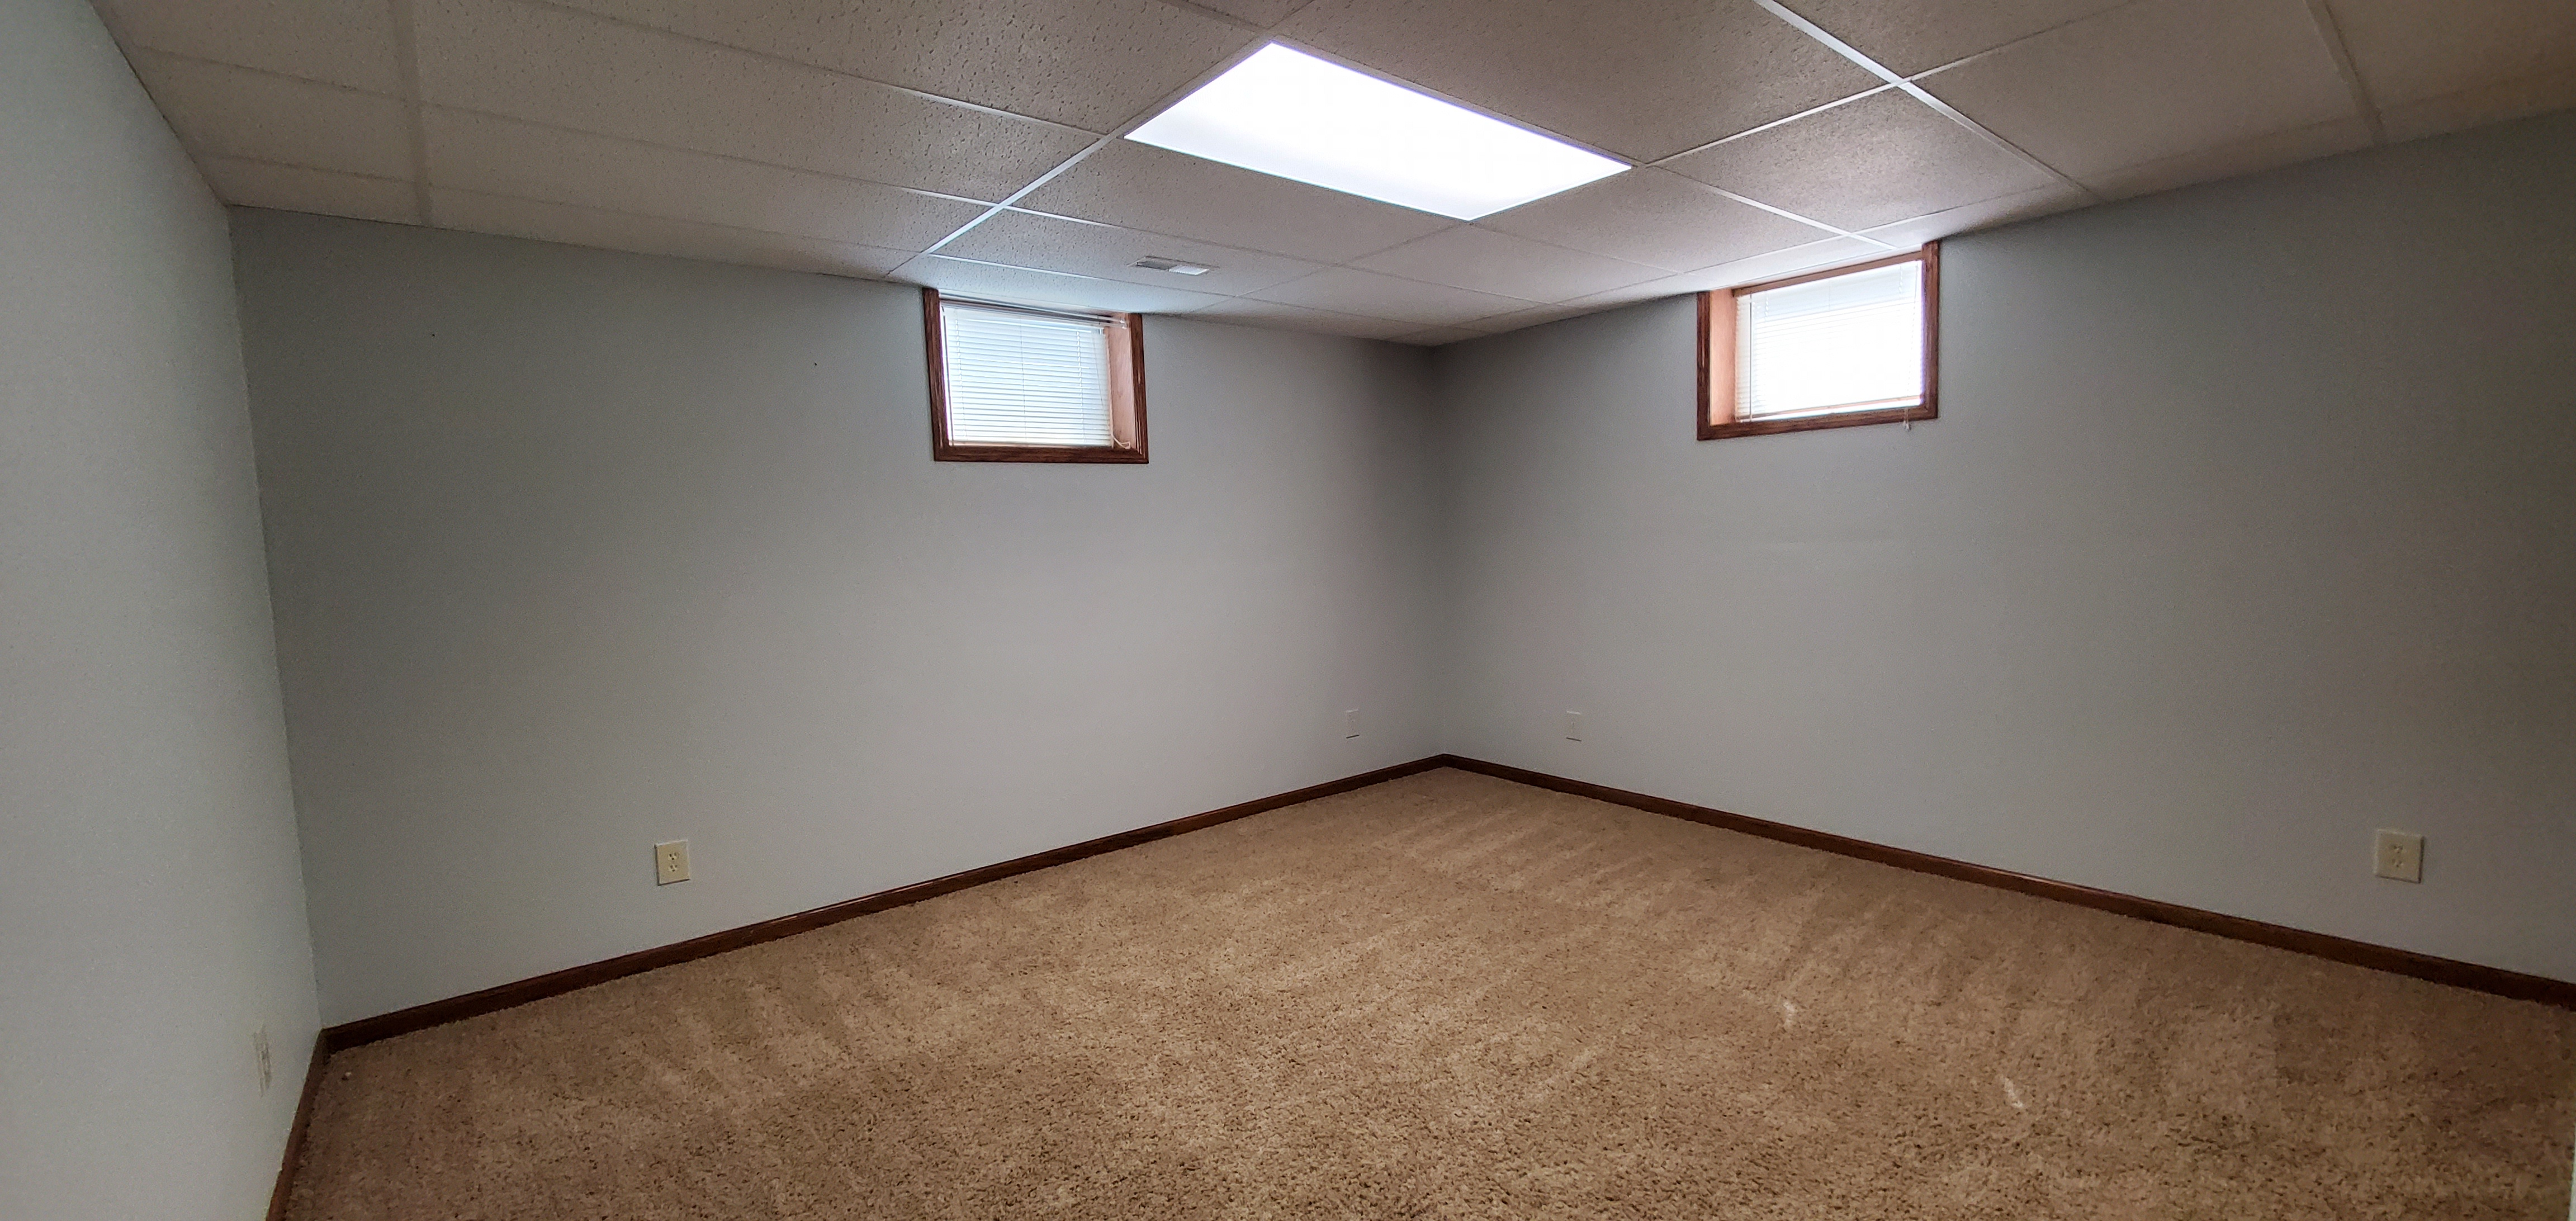 basement 2nd nc bedroom